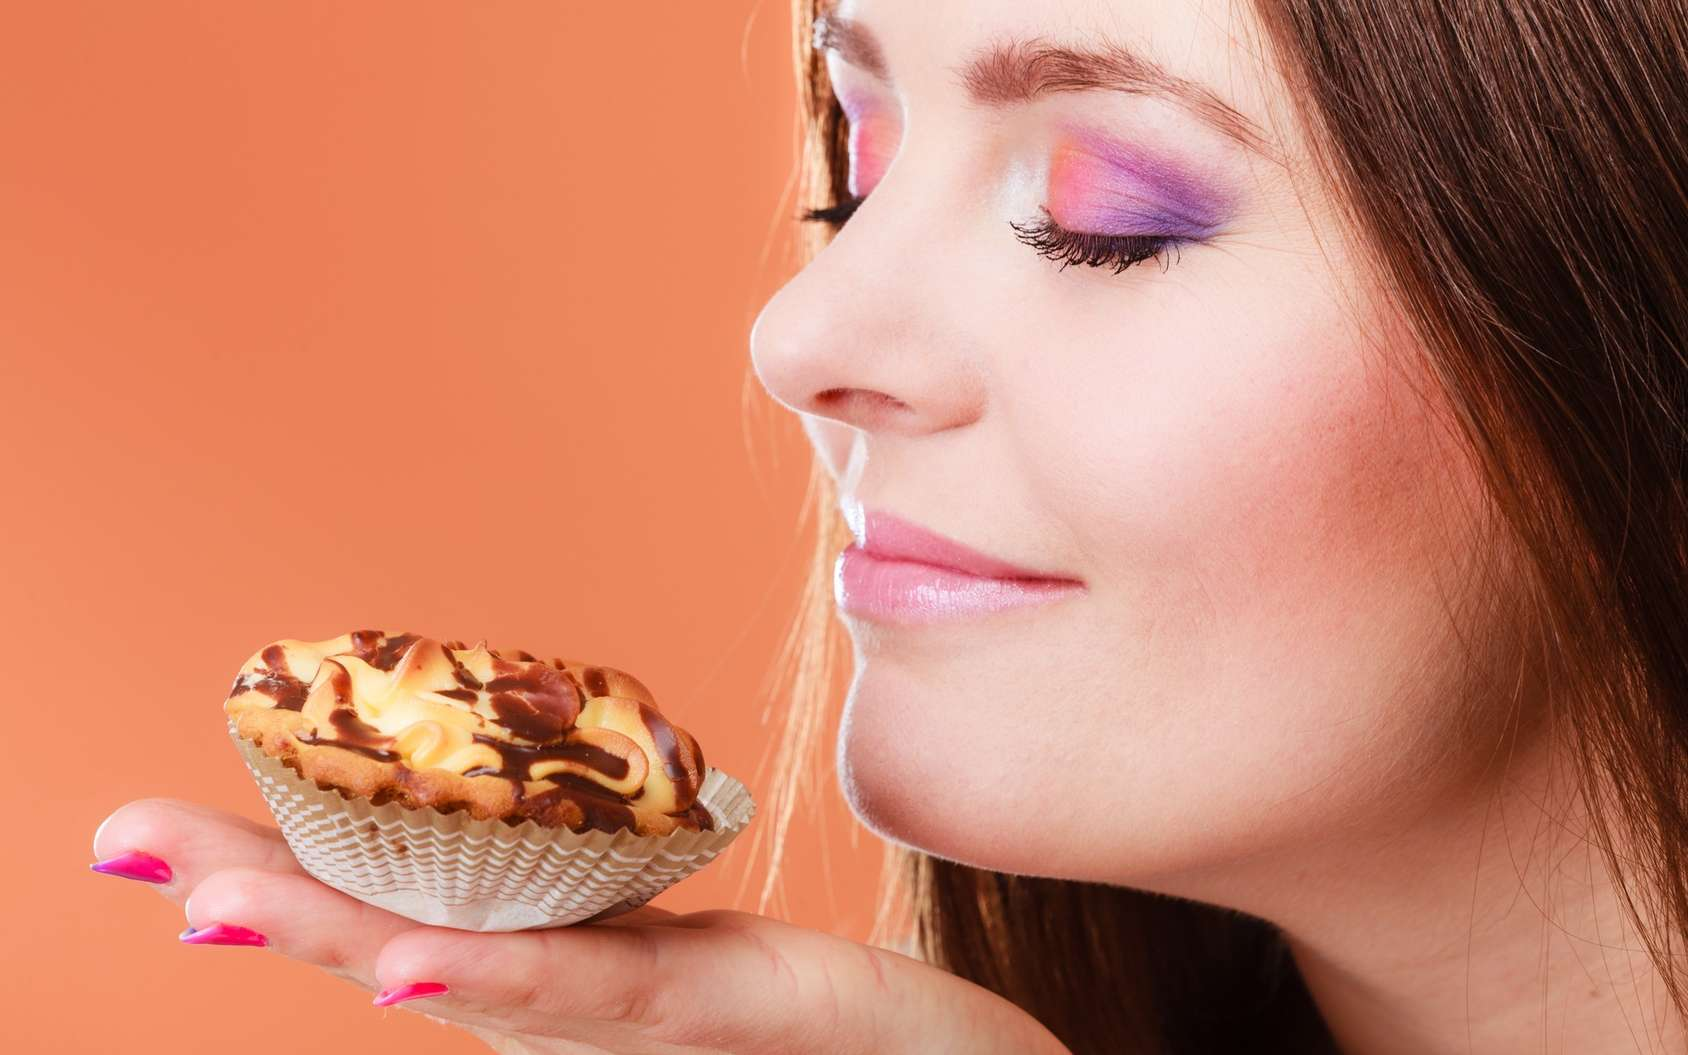 Un gâteau qui donne envie à son odeur : et si on vous coupait l'odorat ? © Voyagerix, Fotolia